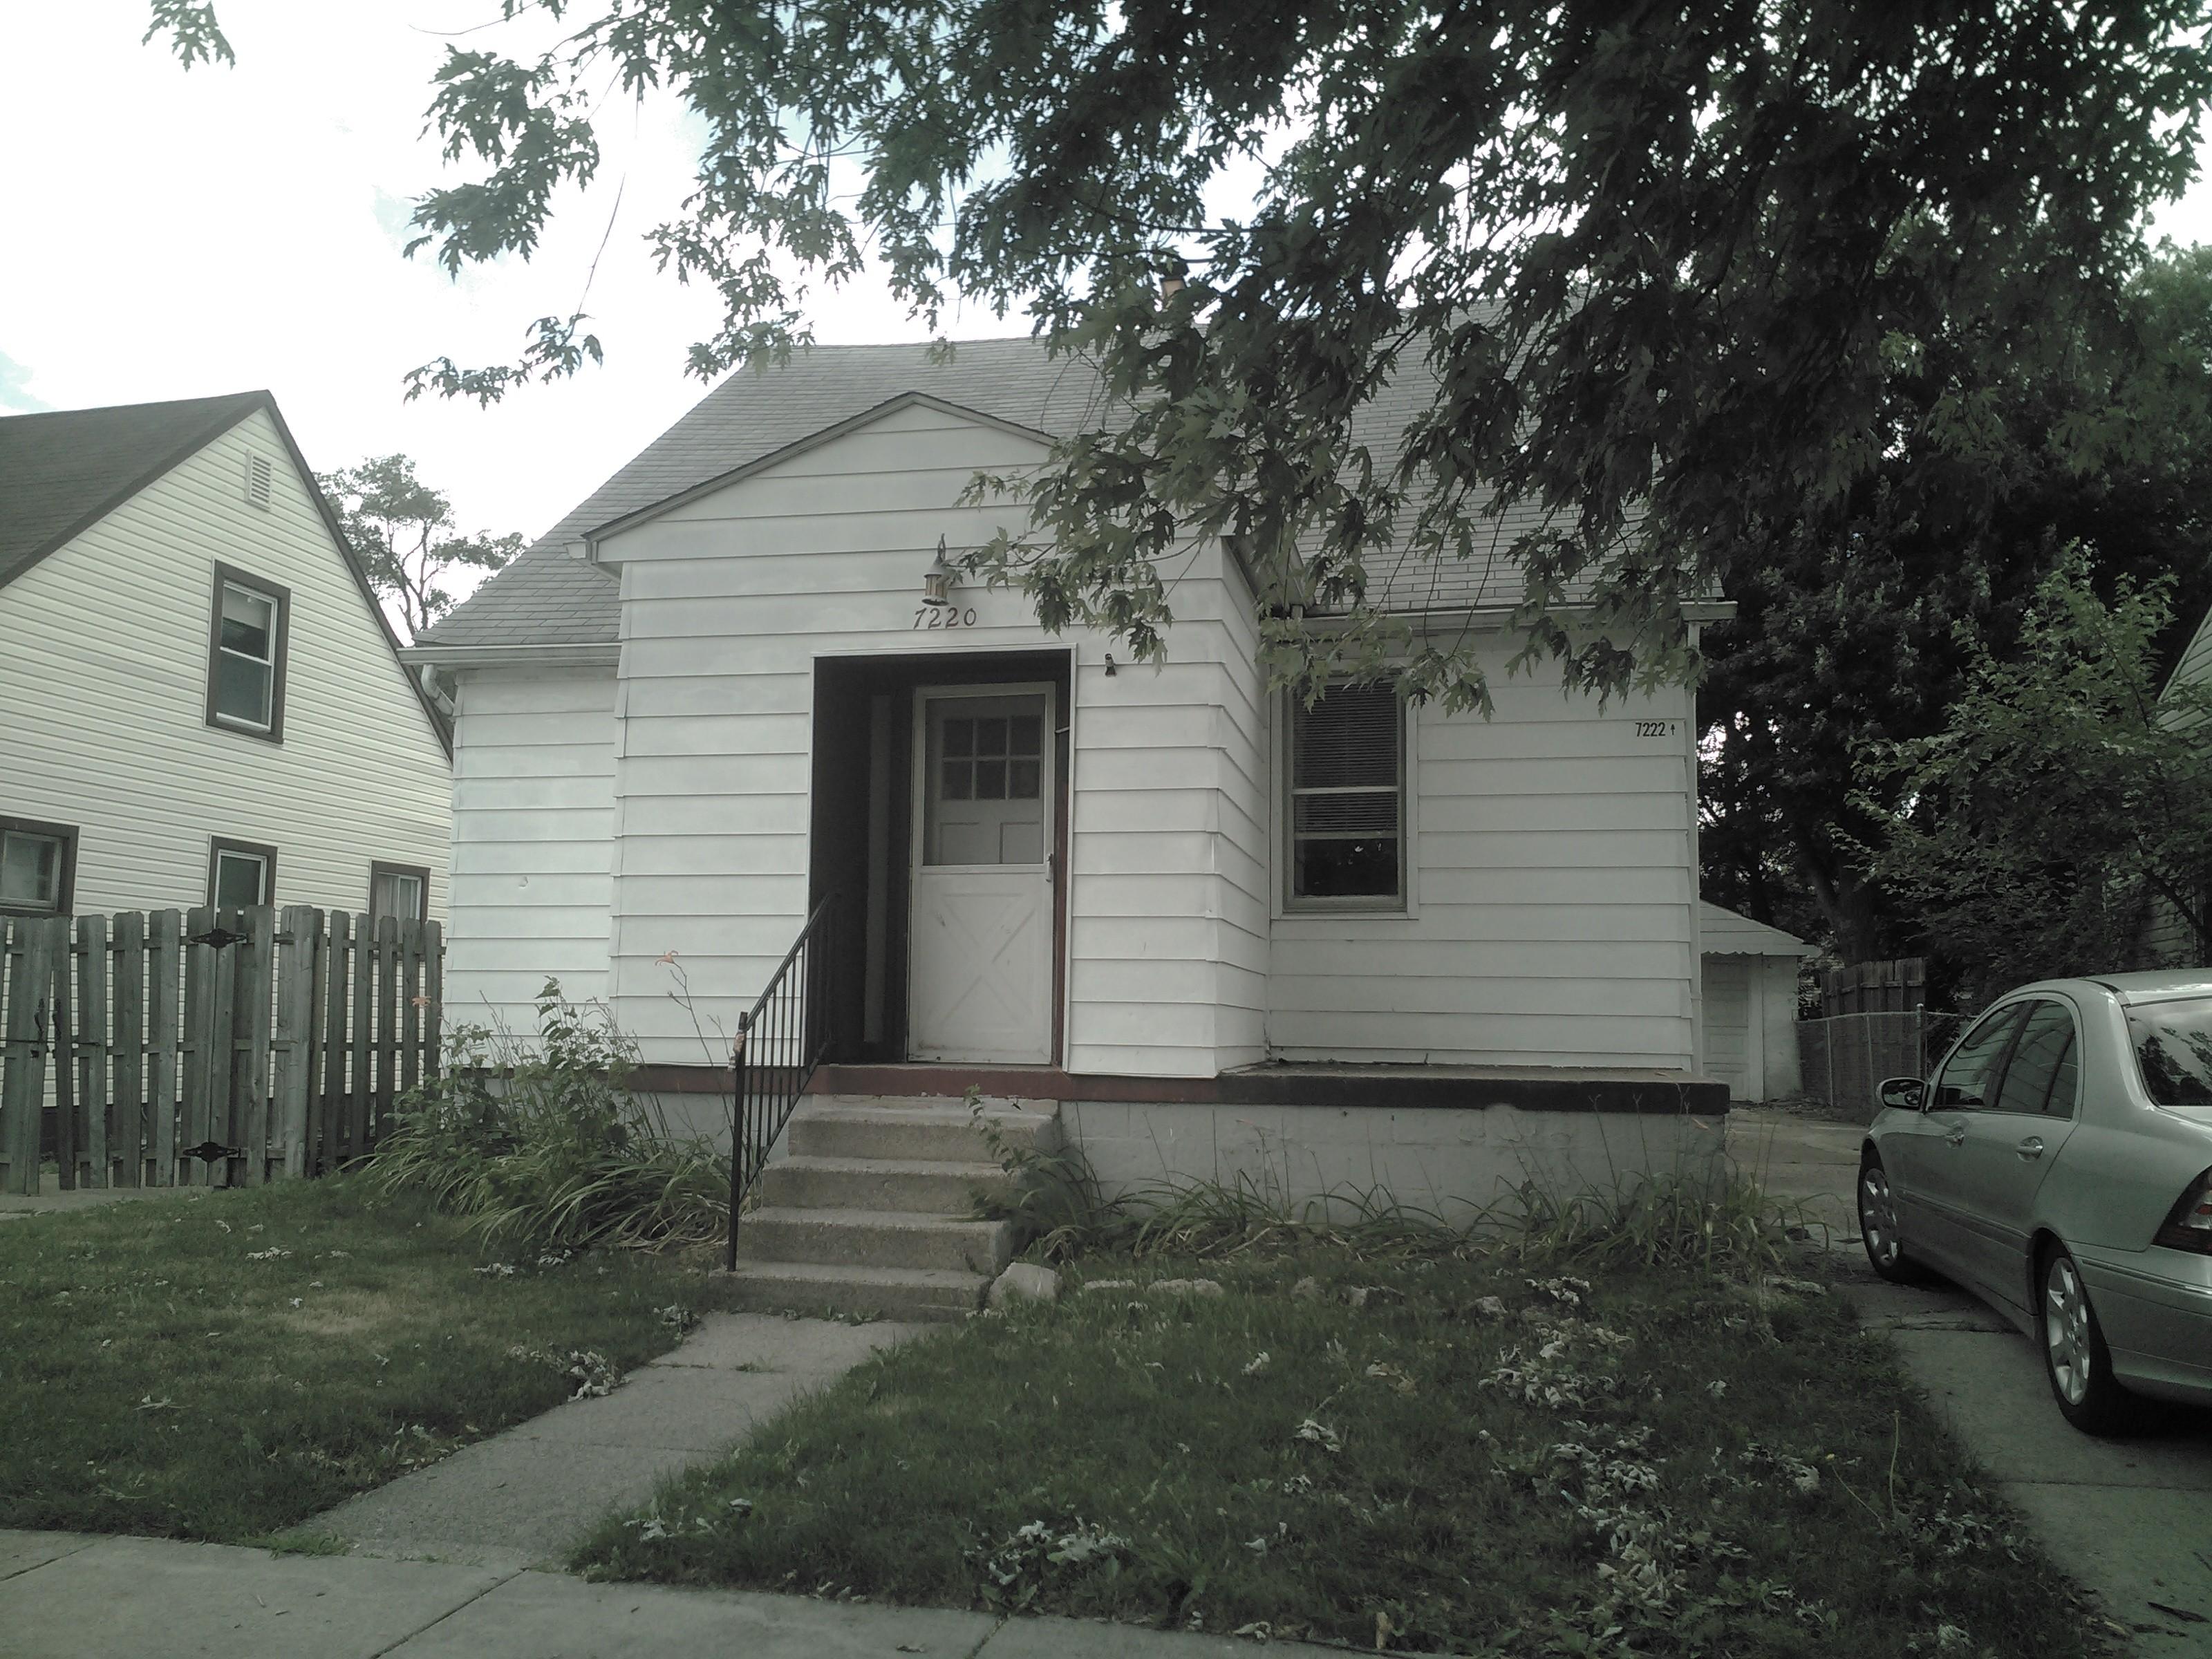 7222 Hupp Ave Warren Mi 48091 2 Bedroom Apartment For Rent Padmapper